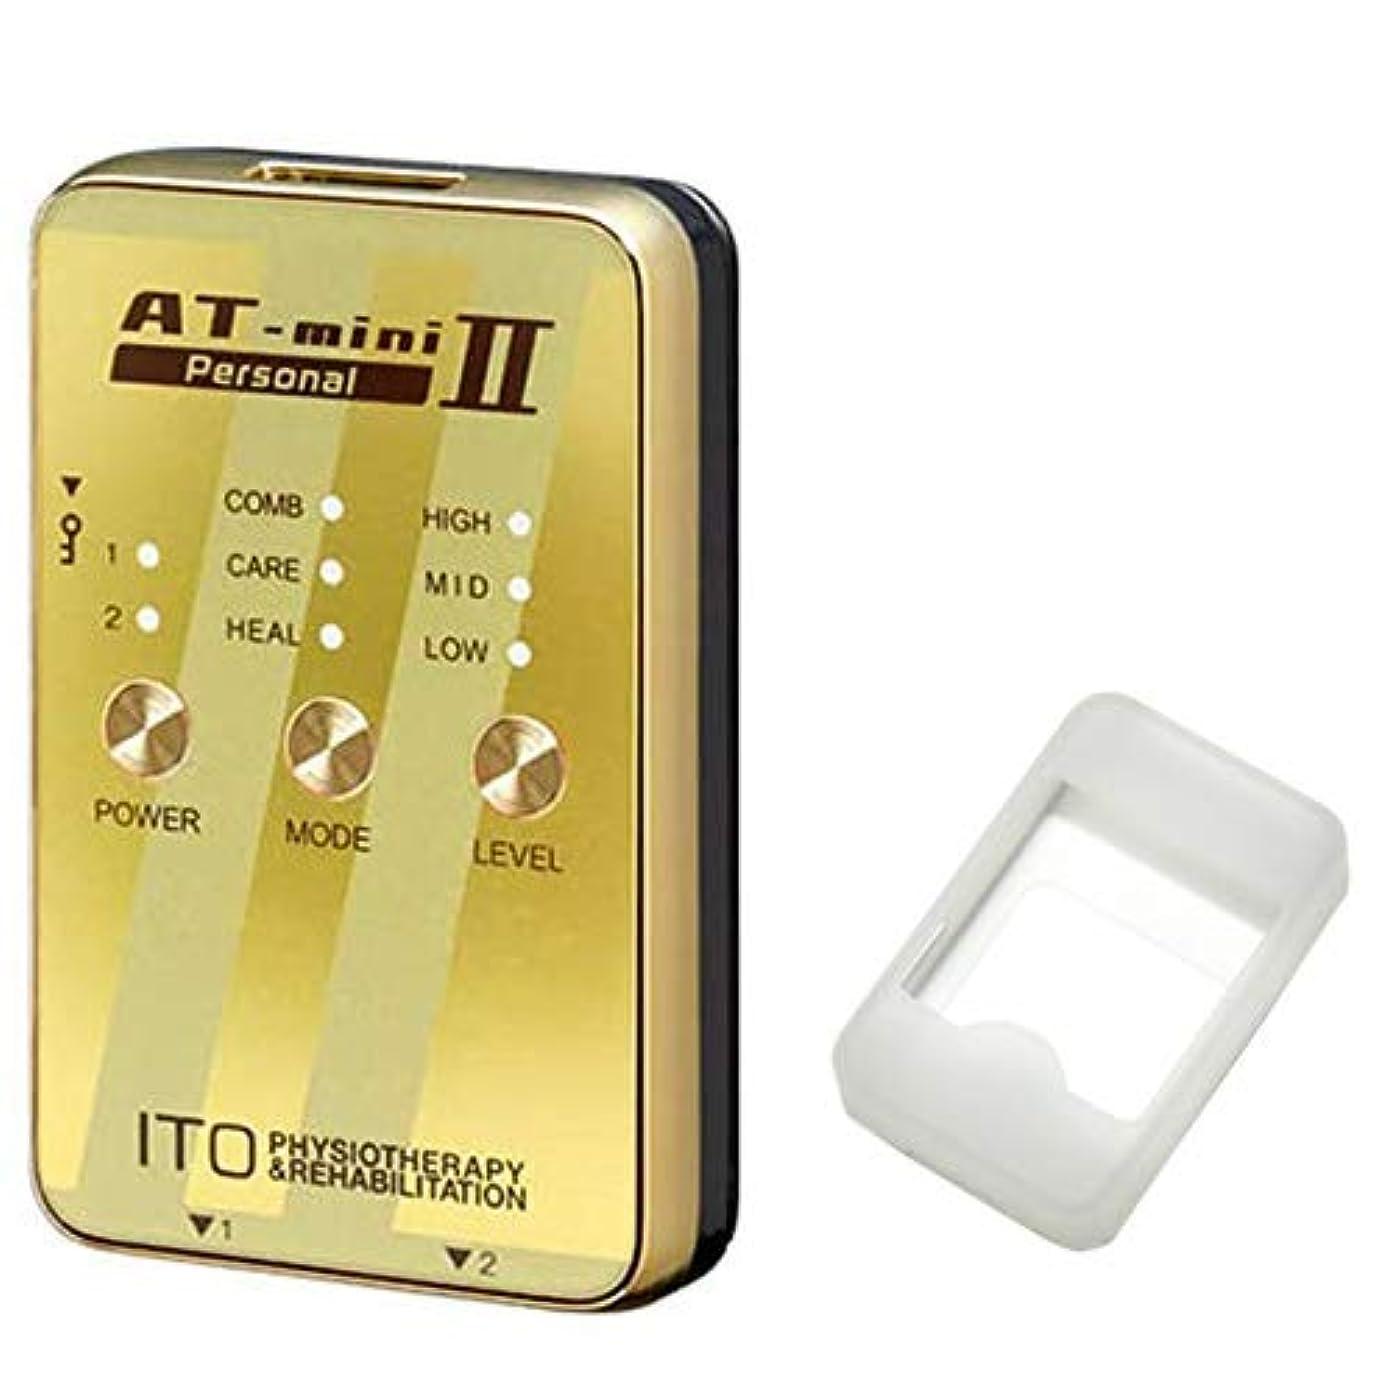 一般天気ハーブ低周波治療器 AT-mini personal II ゴールド (ATミニパーソナル2) + シリコン保護ケース